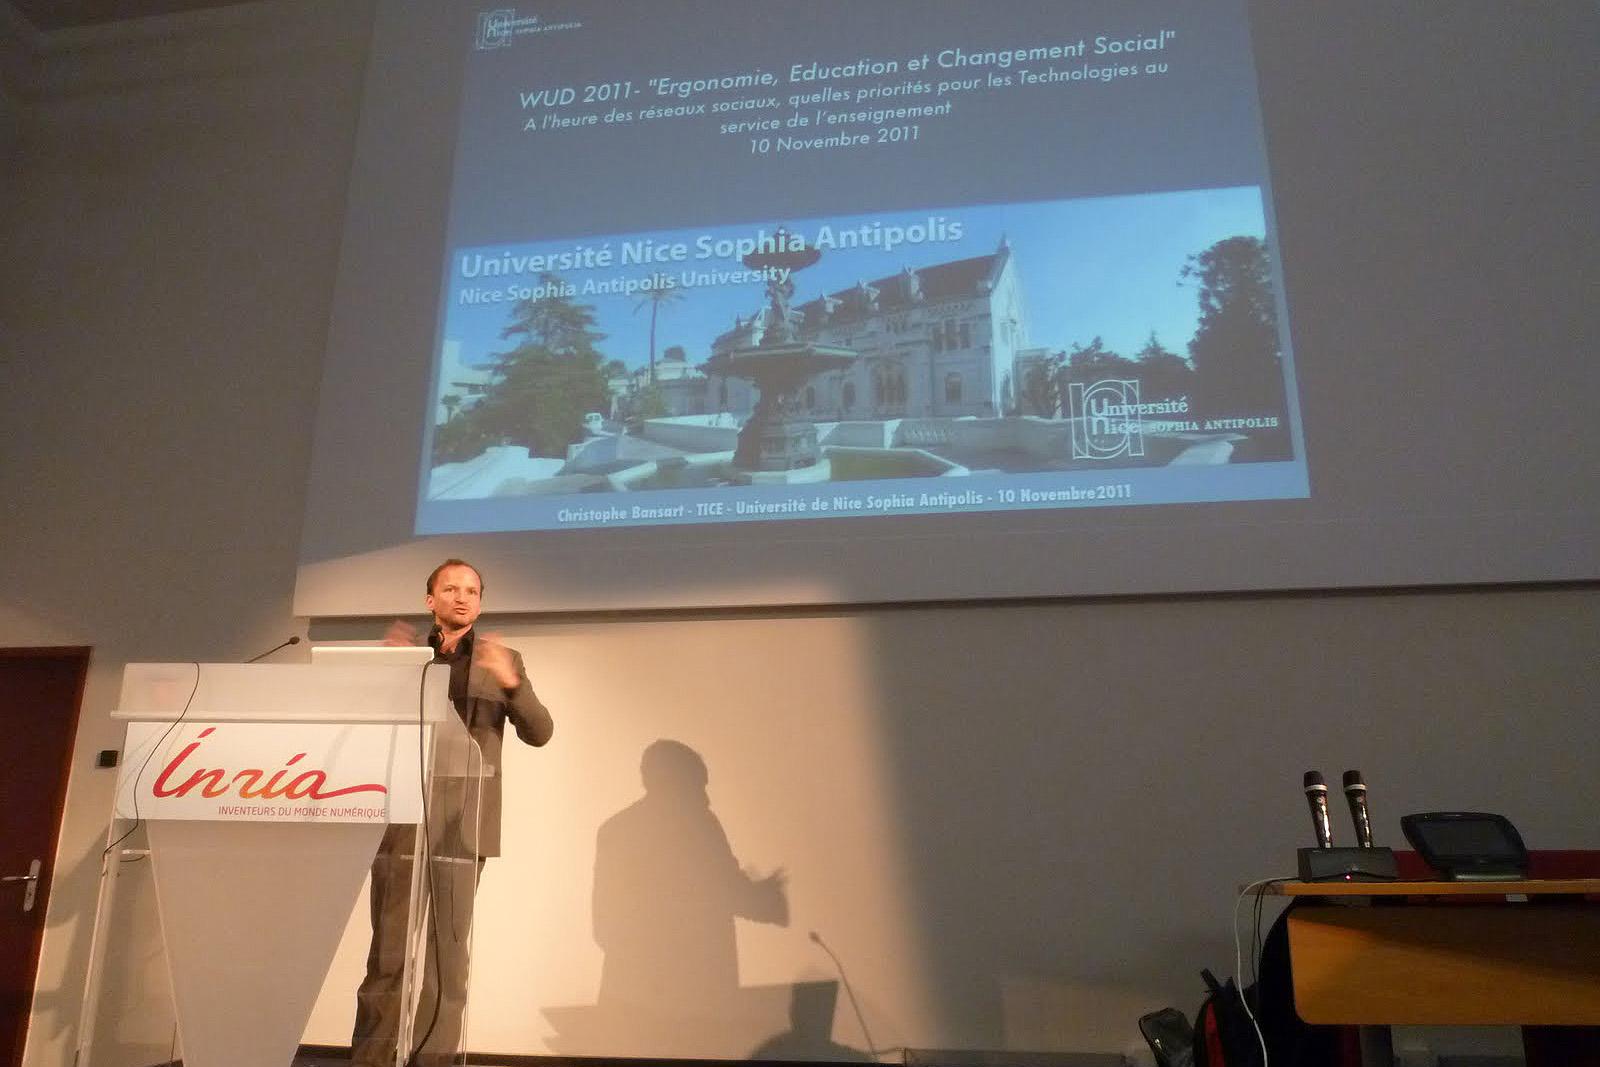 WUD 2011 : Ergonomie, Education et Changement Social